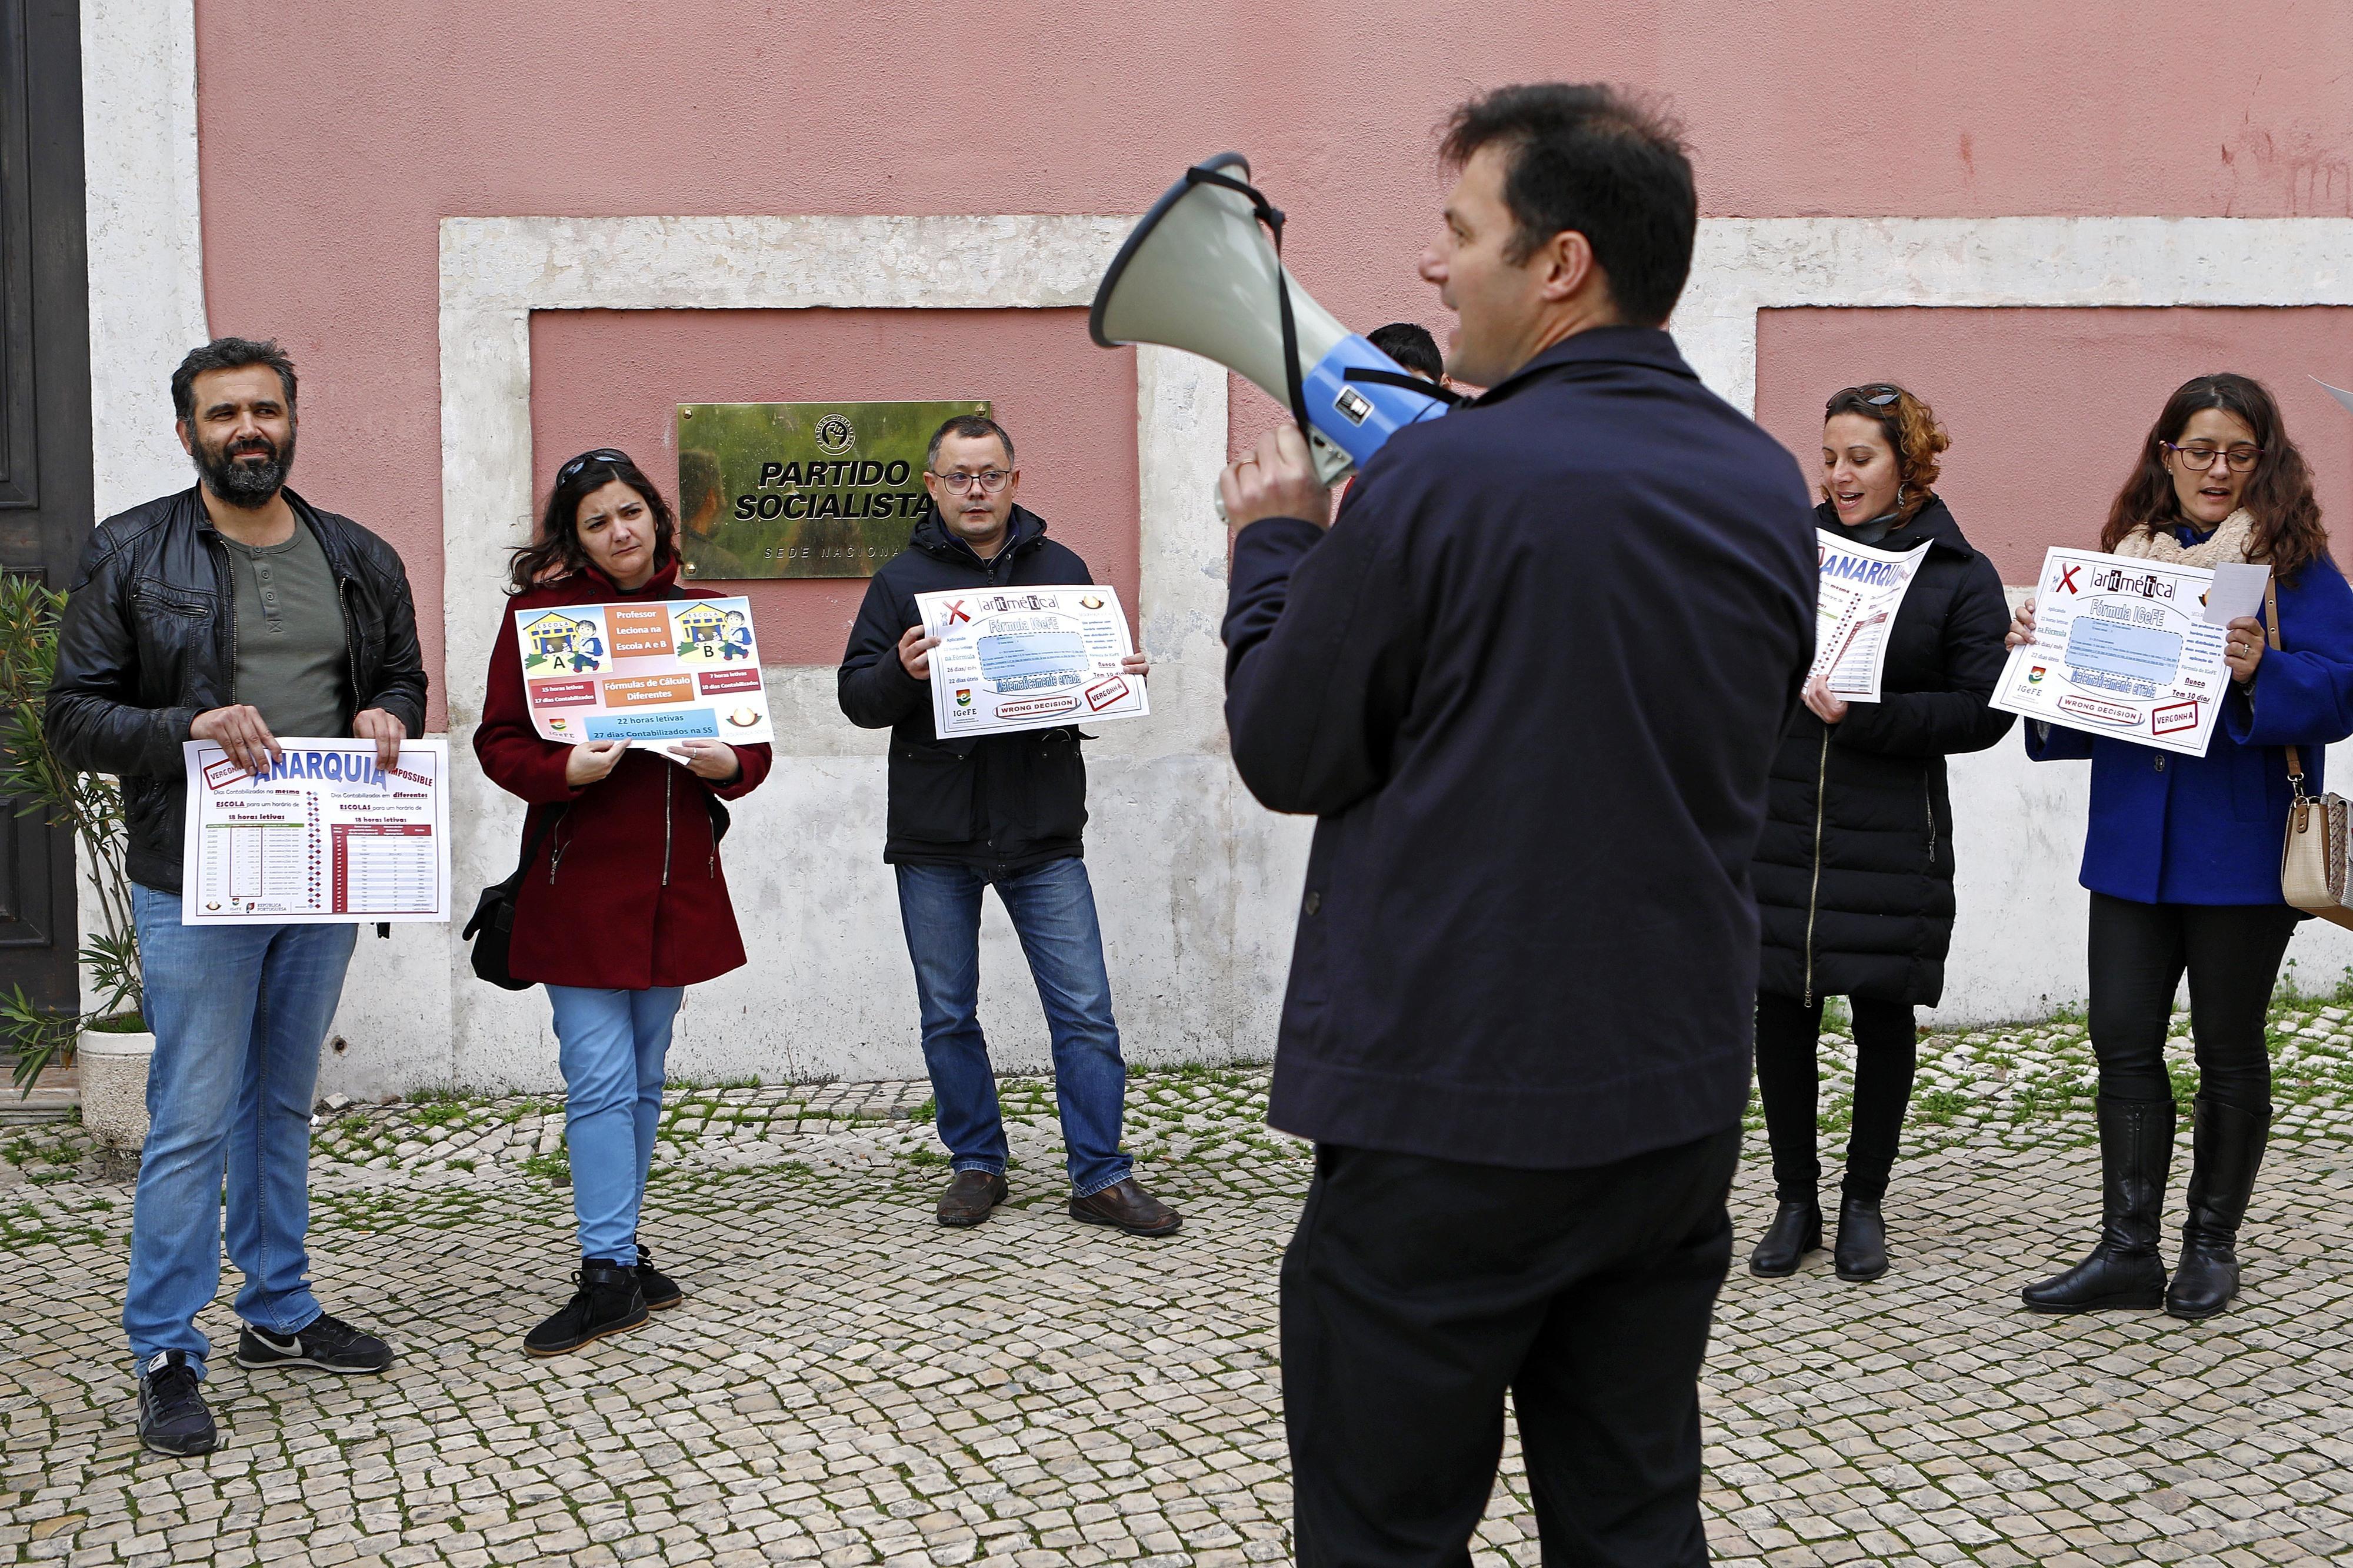 """Docentes """"lesados"""" pela Segurança Social protestam em Lisboa para exigir respostas de Governo e sindicatos"""